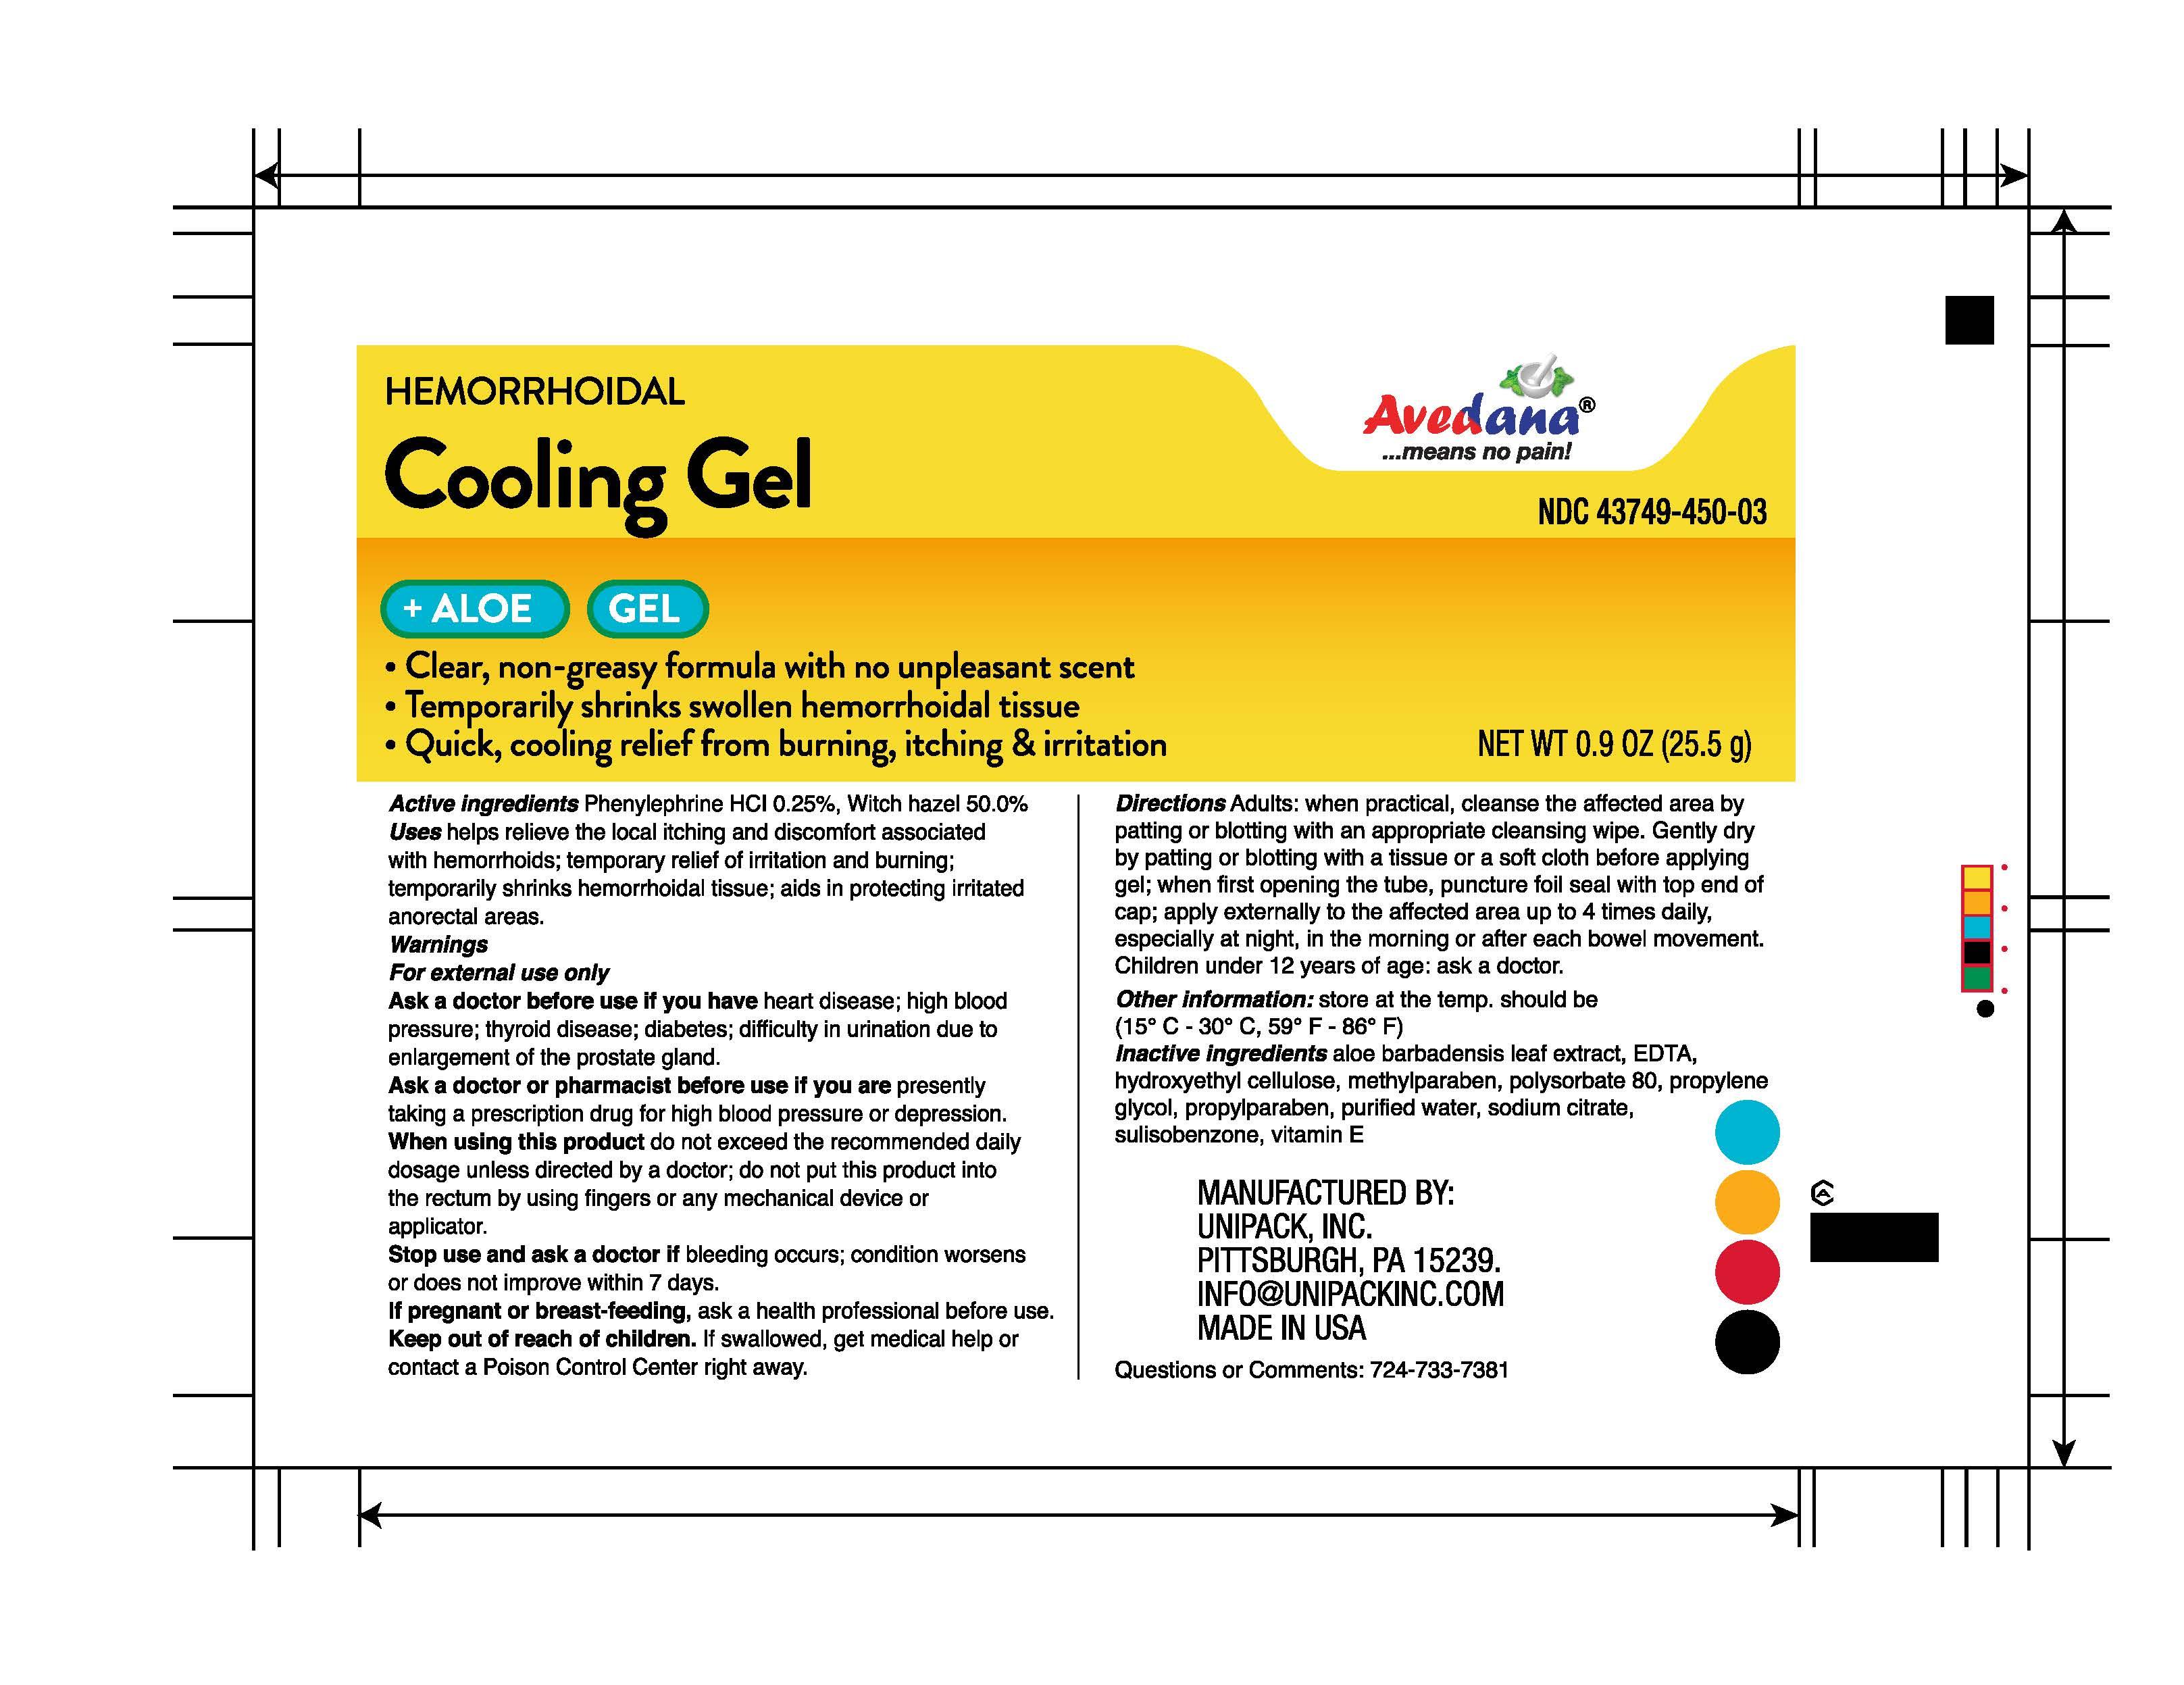 PRINCIPAL DISPLAY PANEL - 25.5 g Tube Label